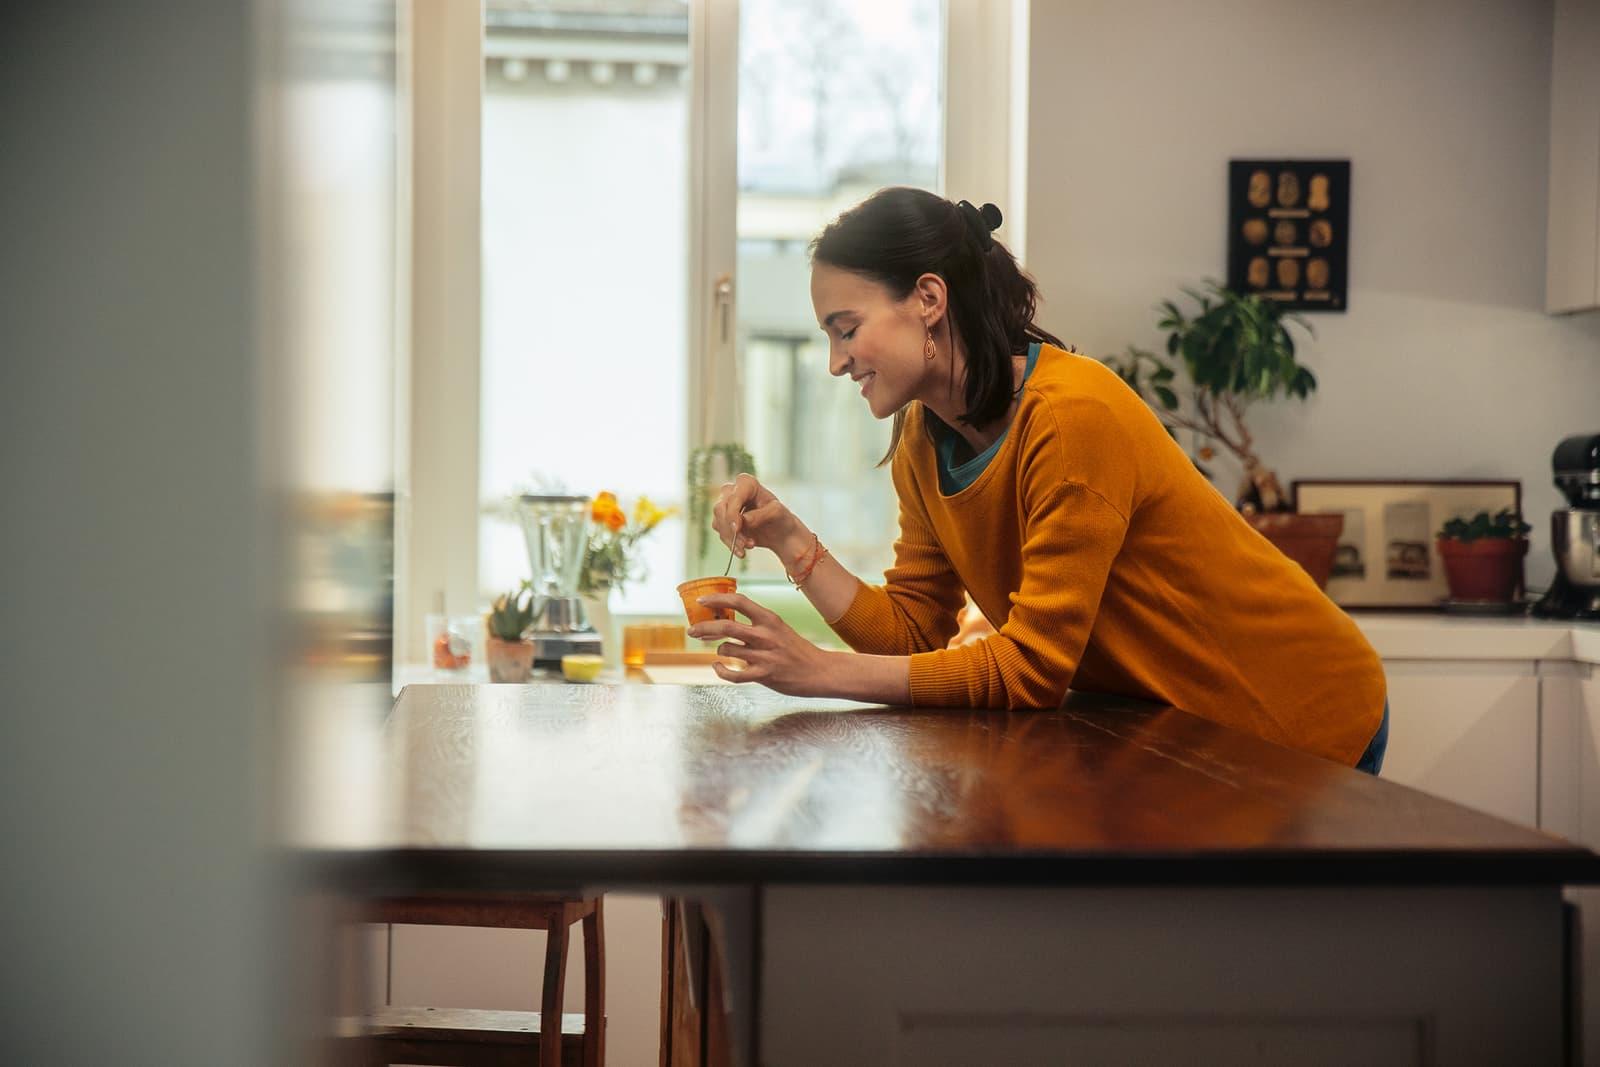 Eine Frau steht in der Küche und leht an den Tisch, während sie ein Joghurt probiert.